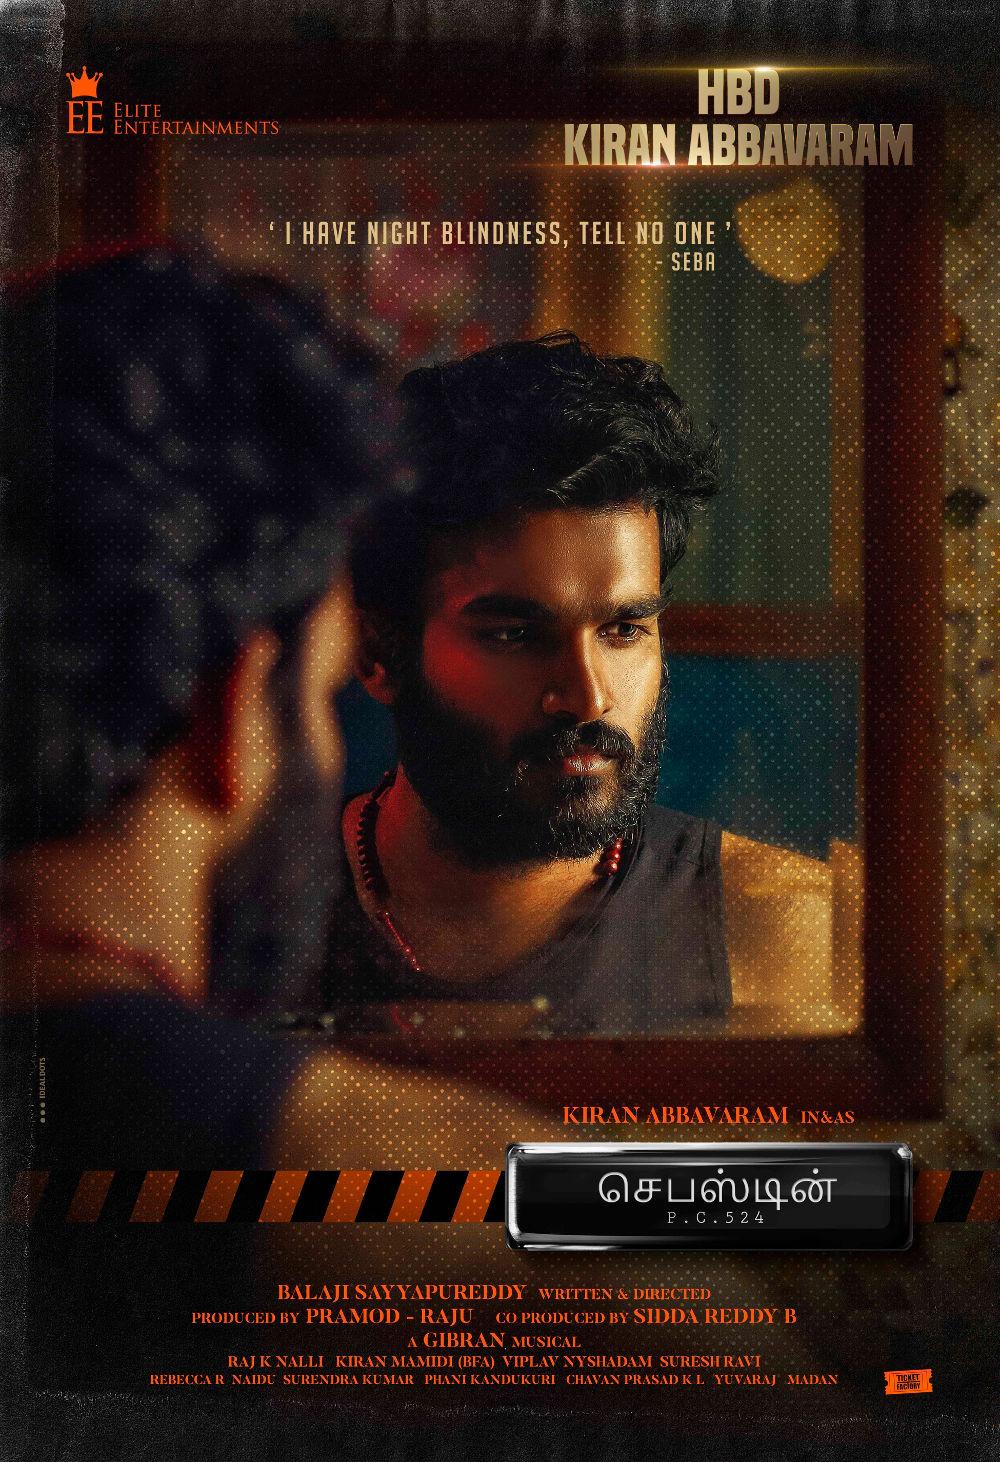 Kiran Abbavaram Sebastian PC 524 Movie Poster HD